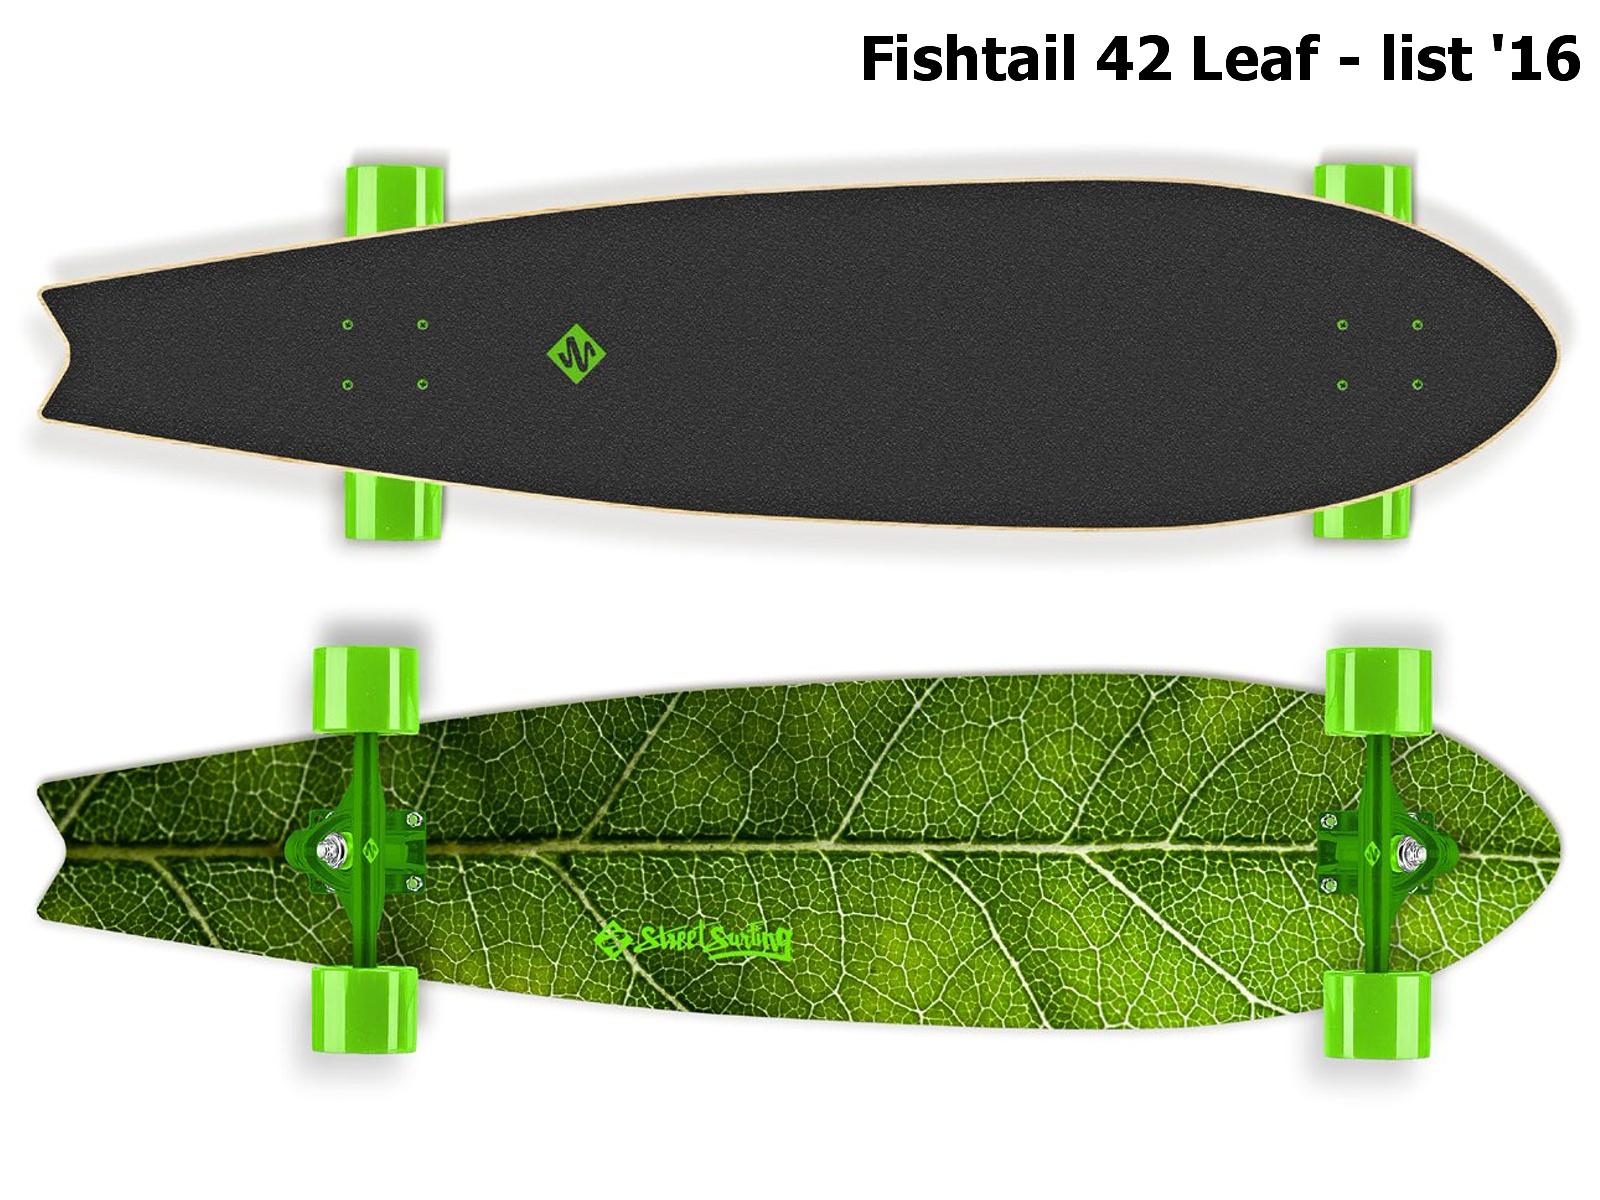 Longboard STREET SURFING Fishtail 42 Leaf - list 2016